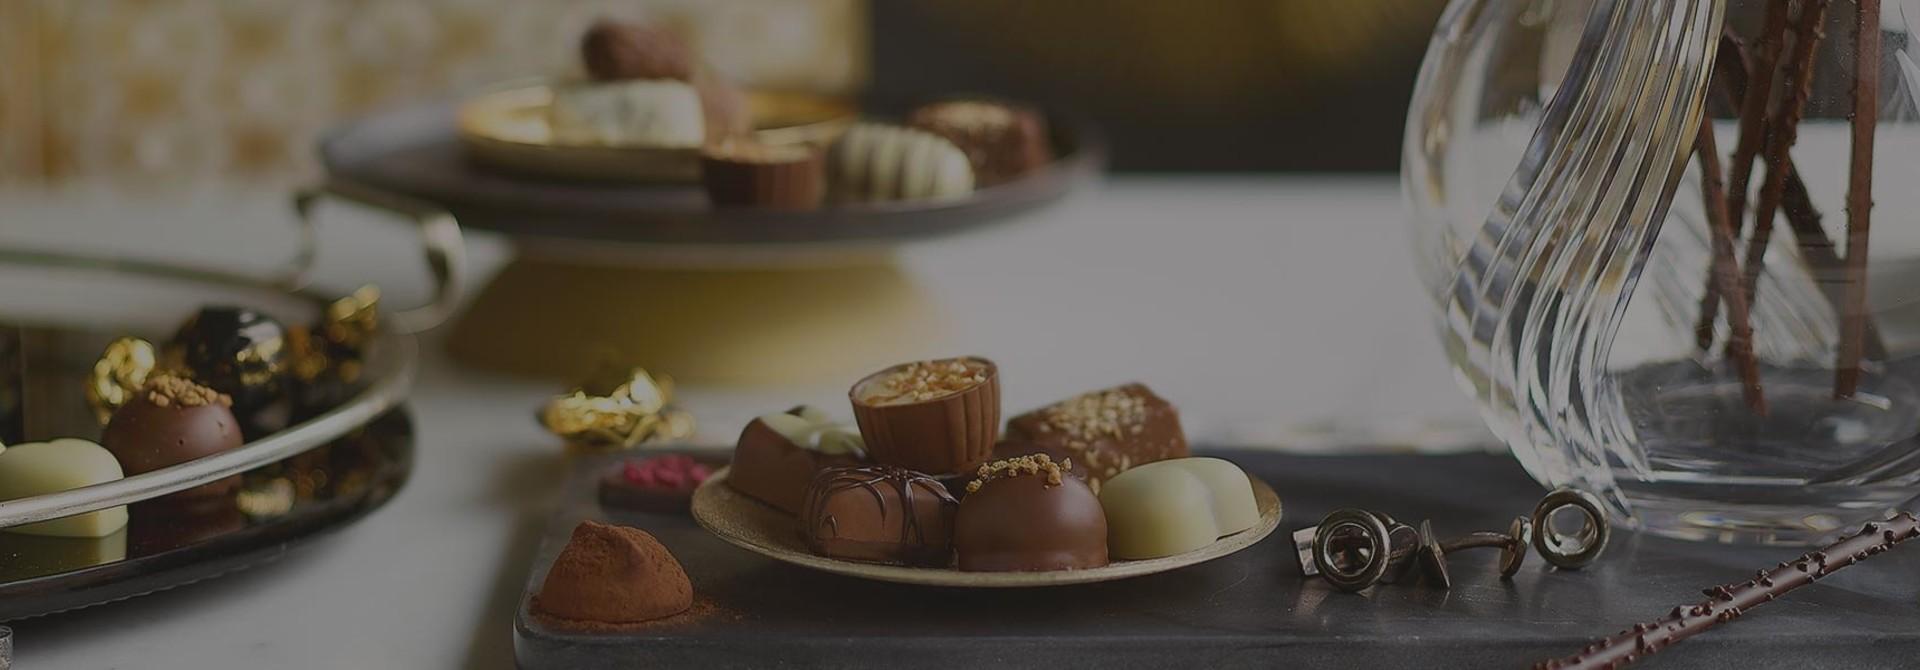 Grand Belgian Specialties